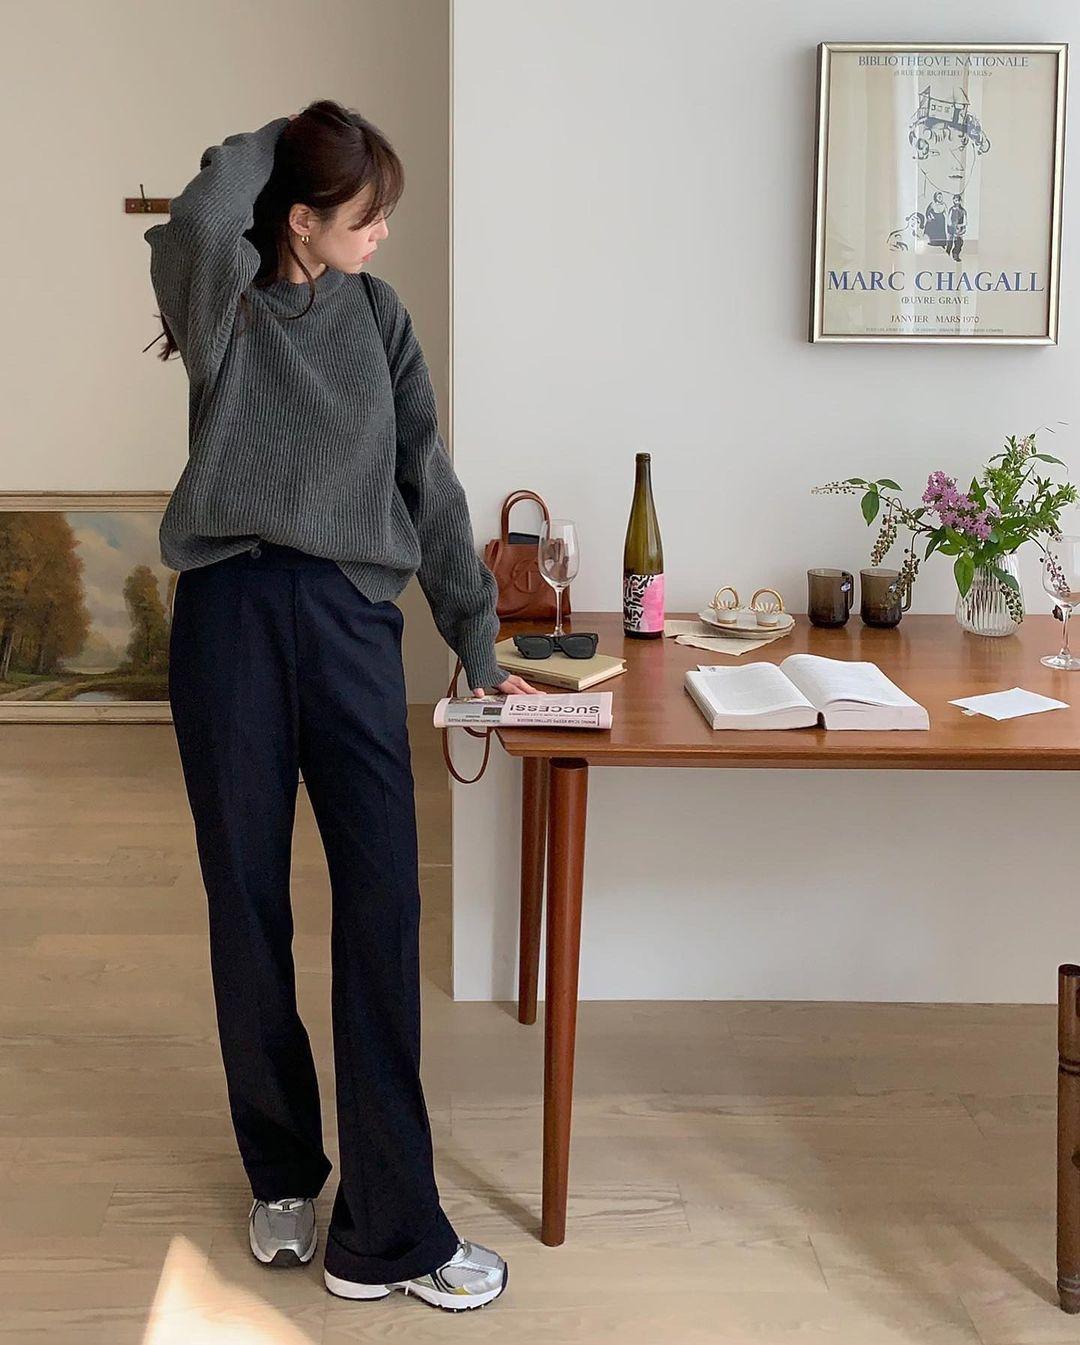 Gái Hàn diện quần đen rất nhiều nhưng luôn xịn đẹp chứ không nhàm chán, đó là vì họ có 4 tips - Ảnh 10